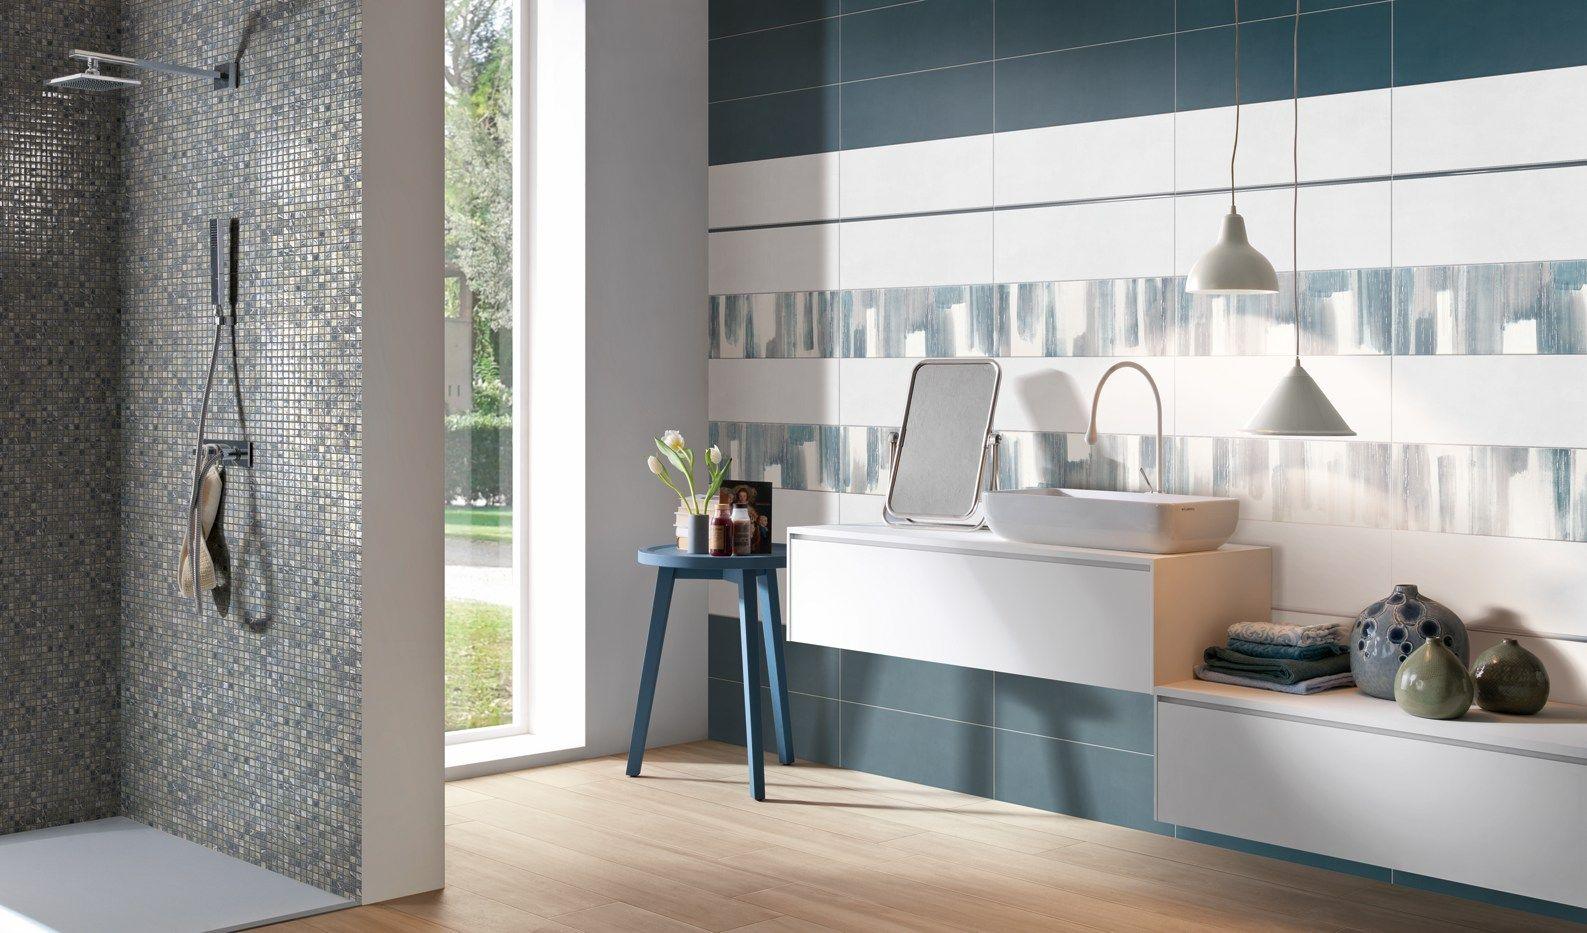 Un bellissimo bagno moderno con un rivestimento arricchito da inserti sui toni dell 39 azzurro a - Bagno moderno mosaico ...